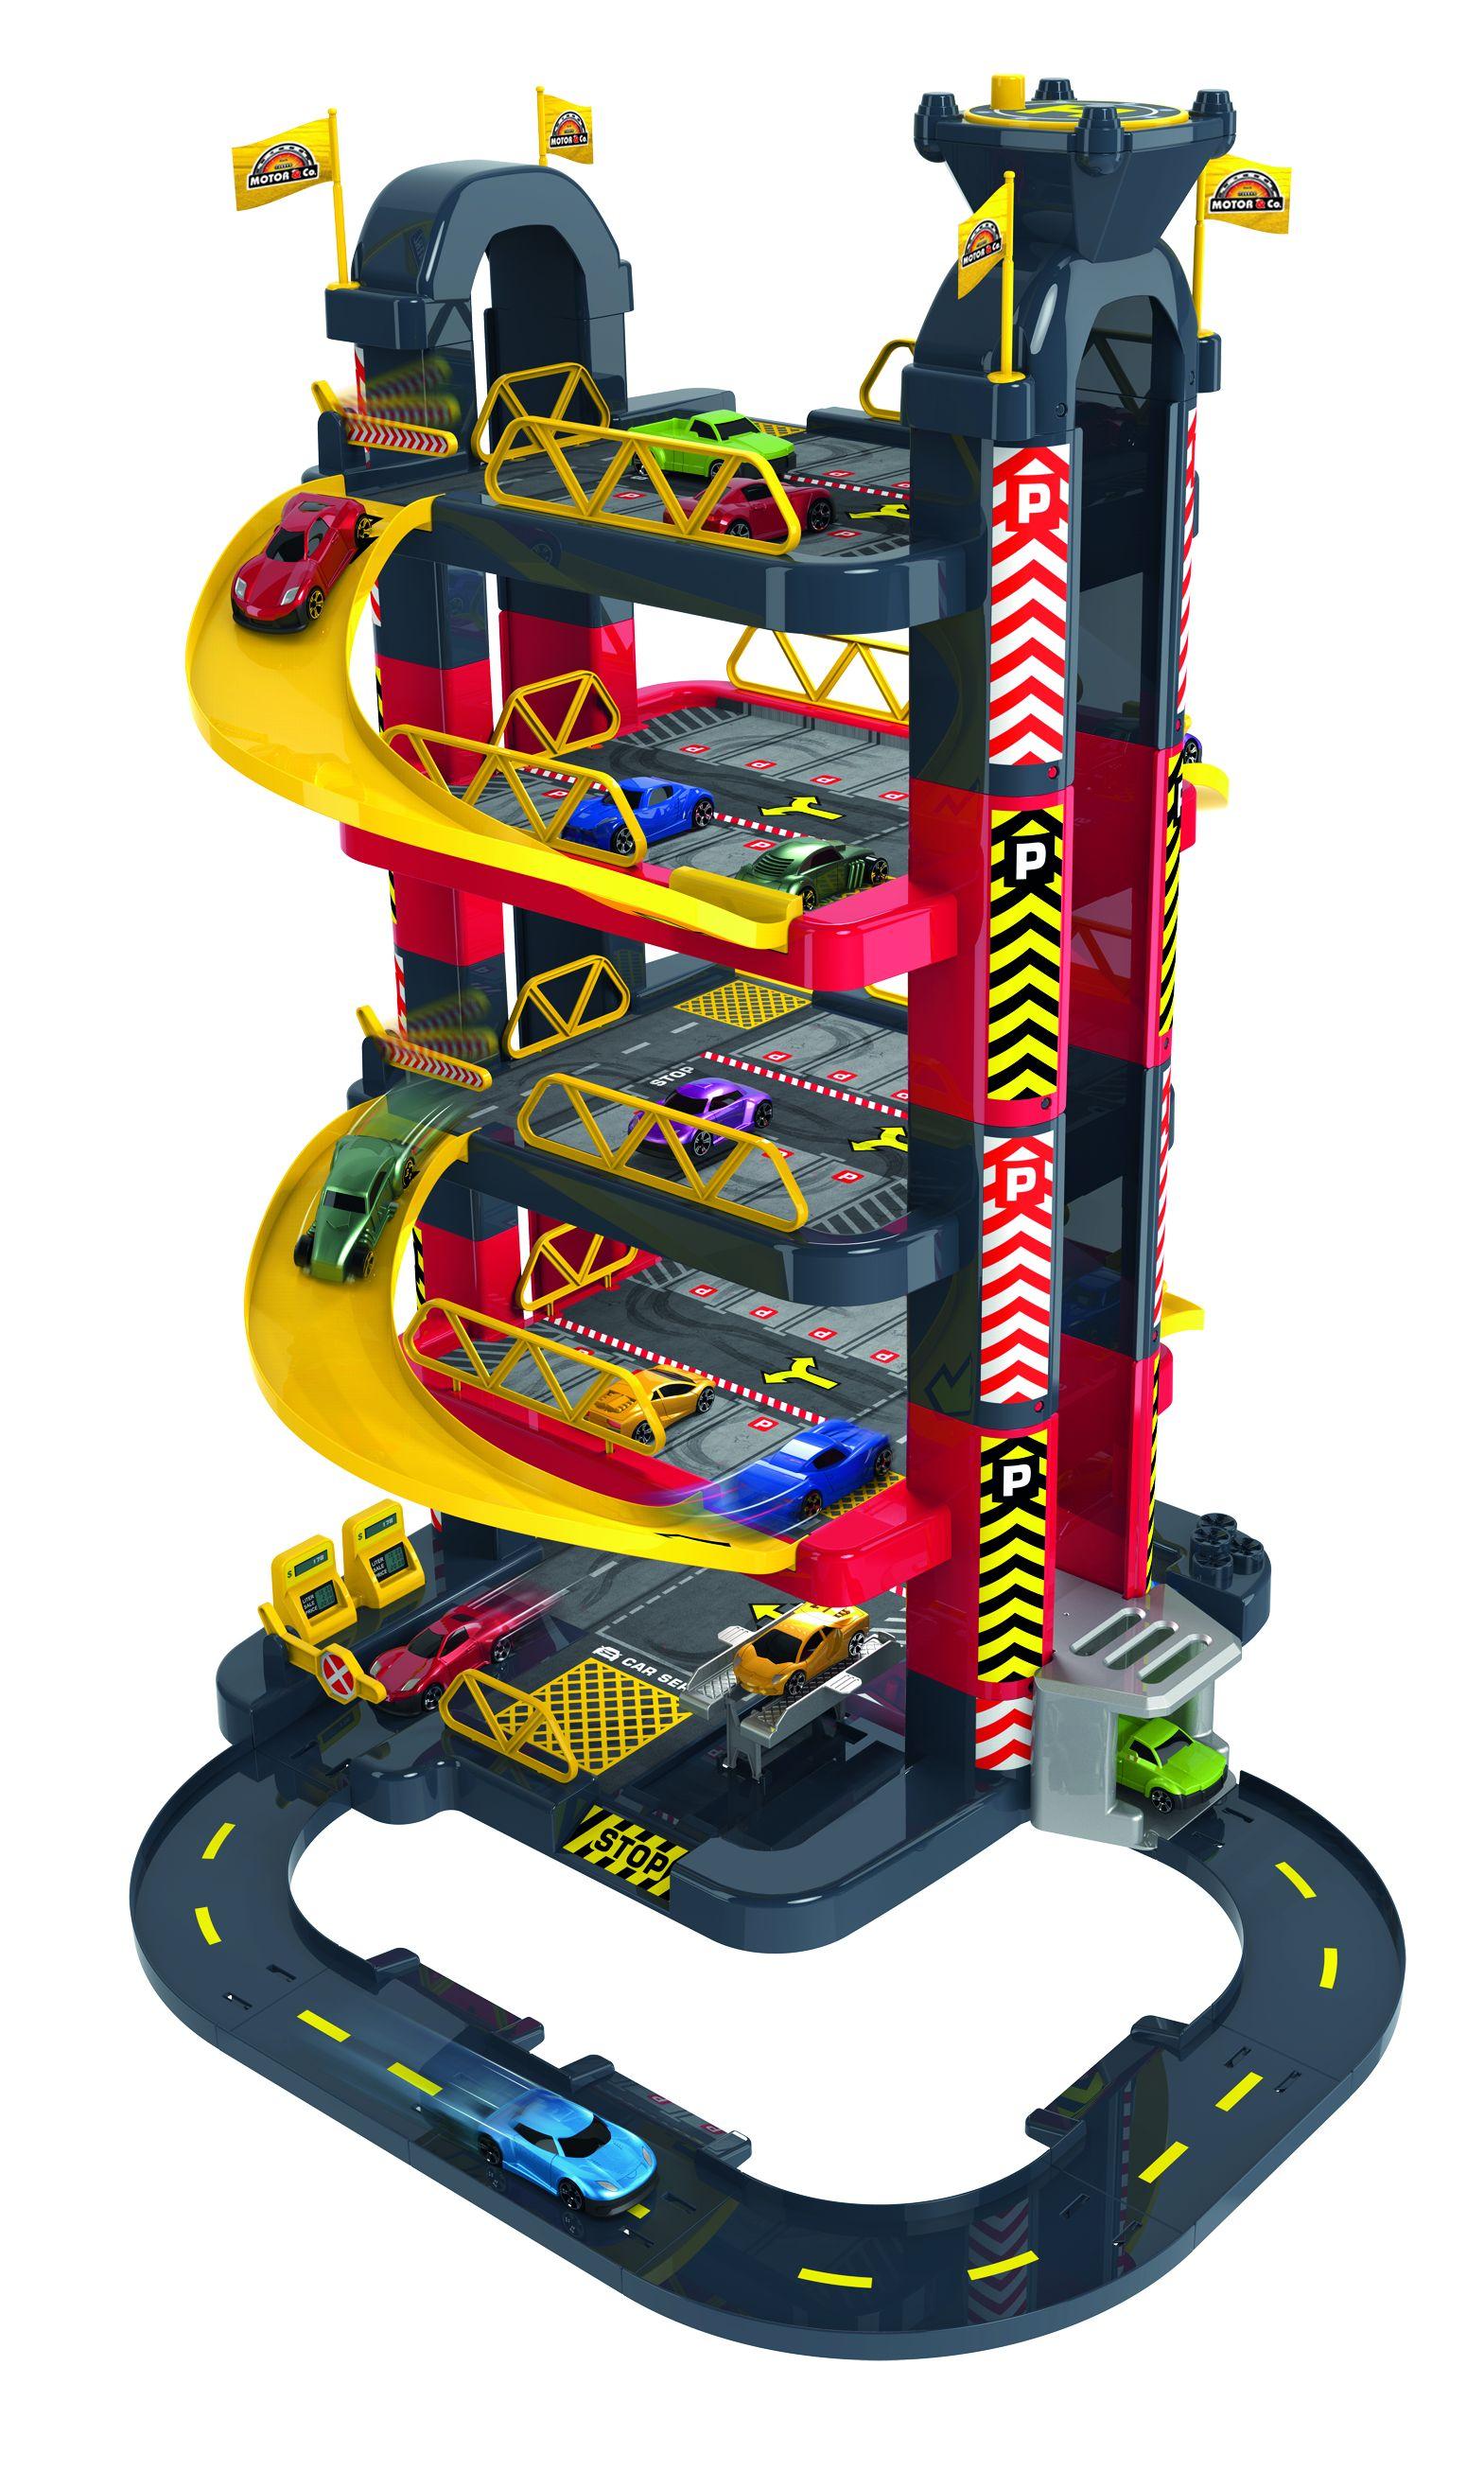 GARAGE SERVICE 5 PIANI - Altro - Toys Center